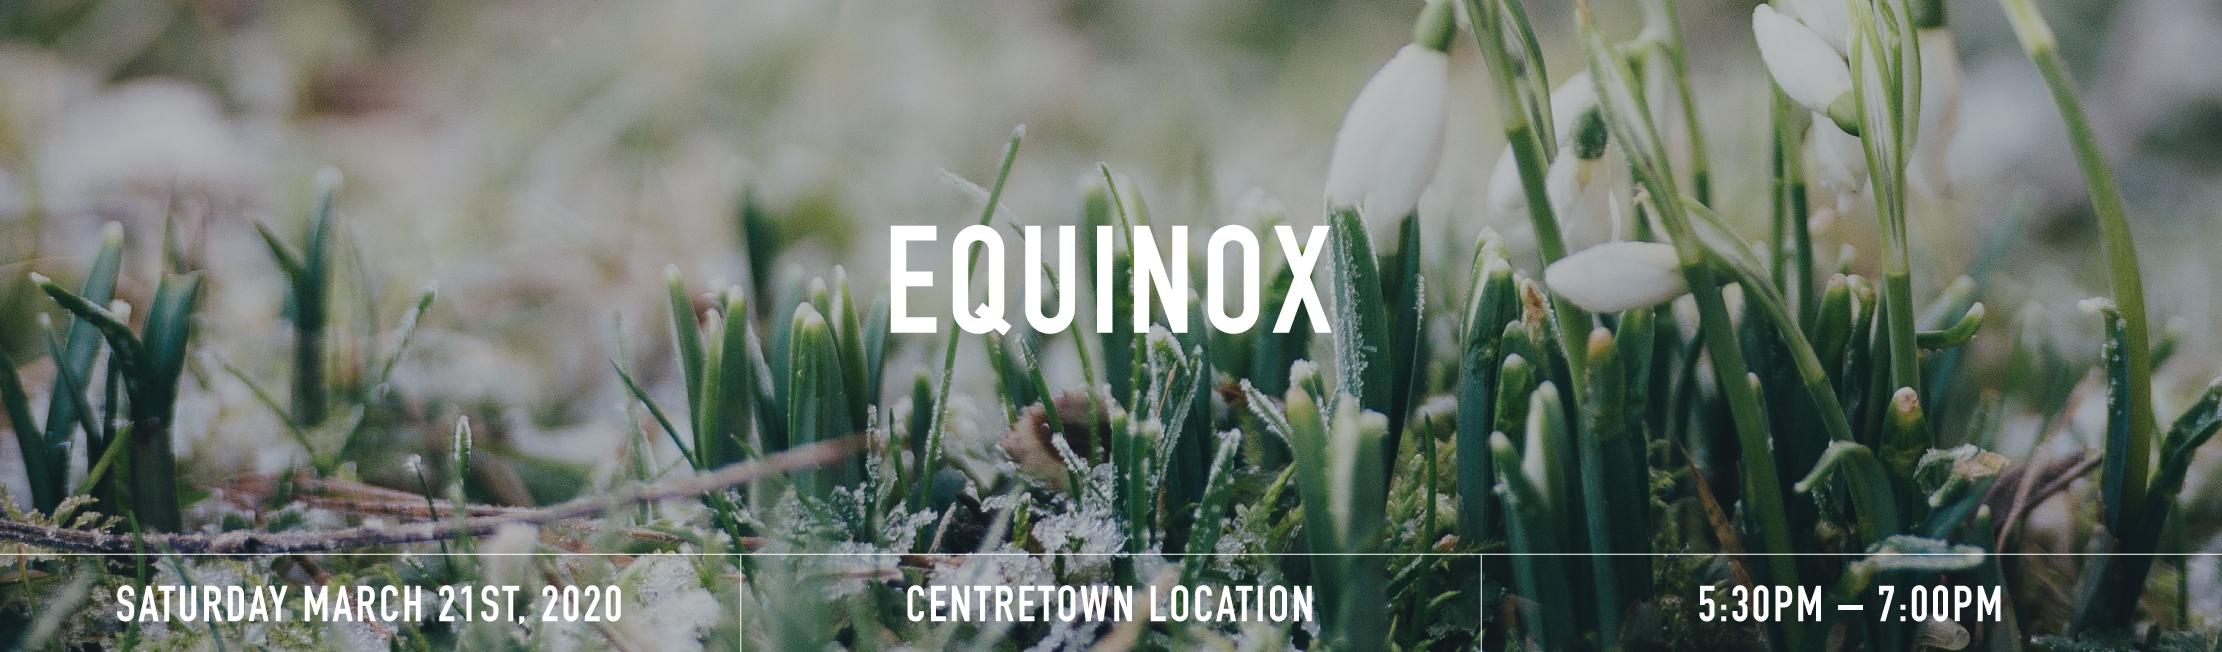 Equinox banner